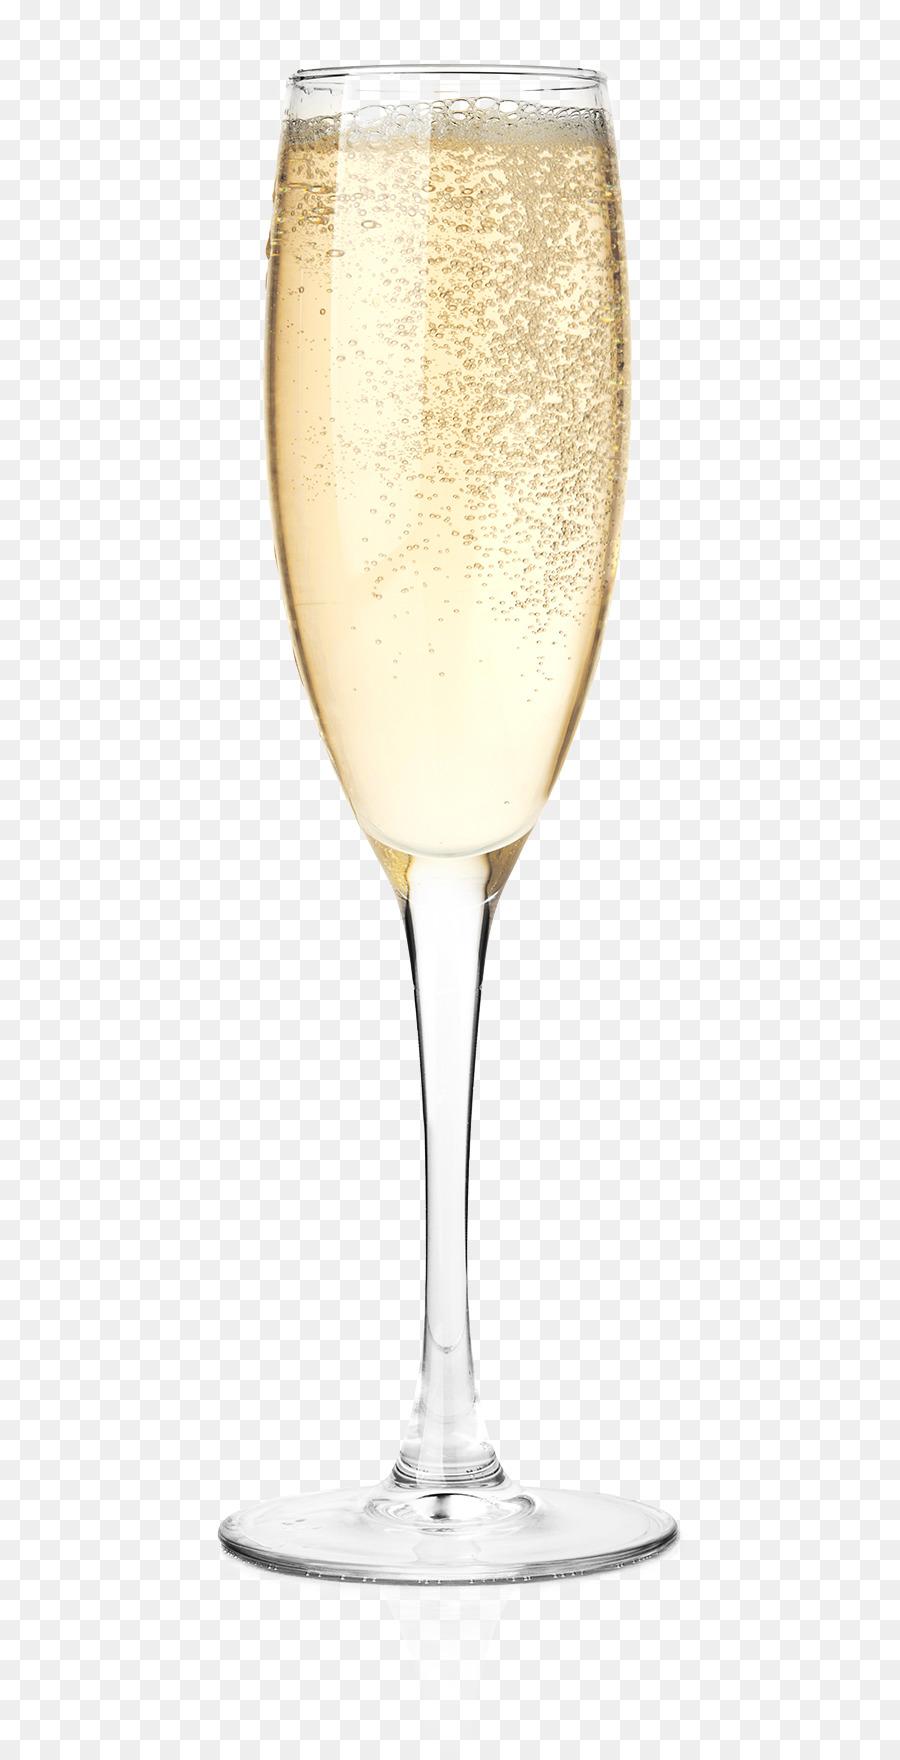 Descarga gratuita de Cóctel De Champagne, Copa De Vino, Copa De Champán imágenes PNG